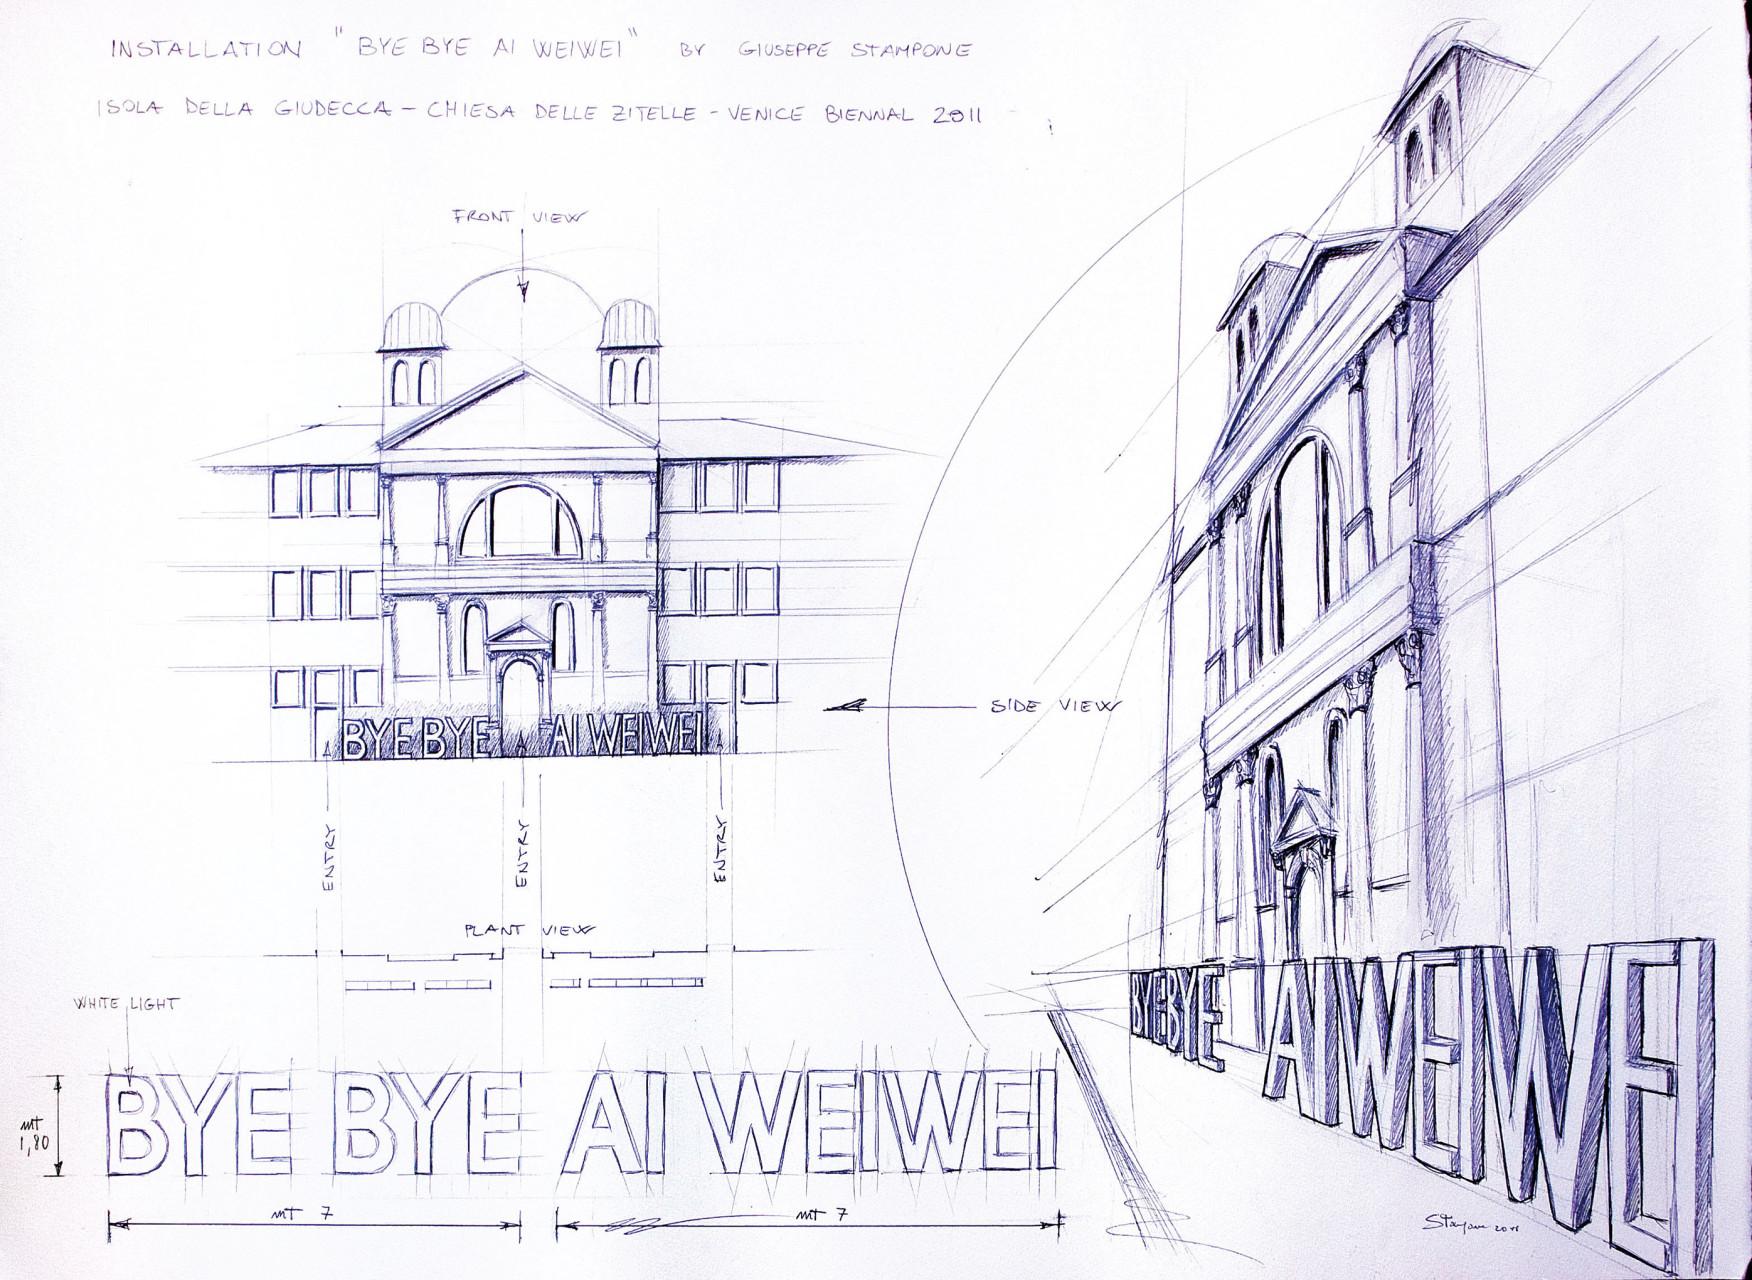 Bye bye Ai Weiwei, 2011 | Side Event 54° Venice Biennial